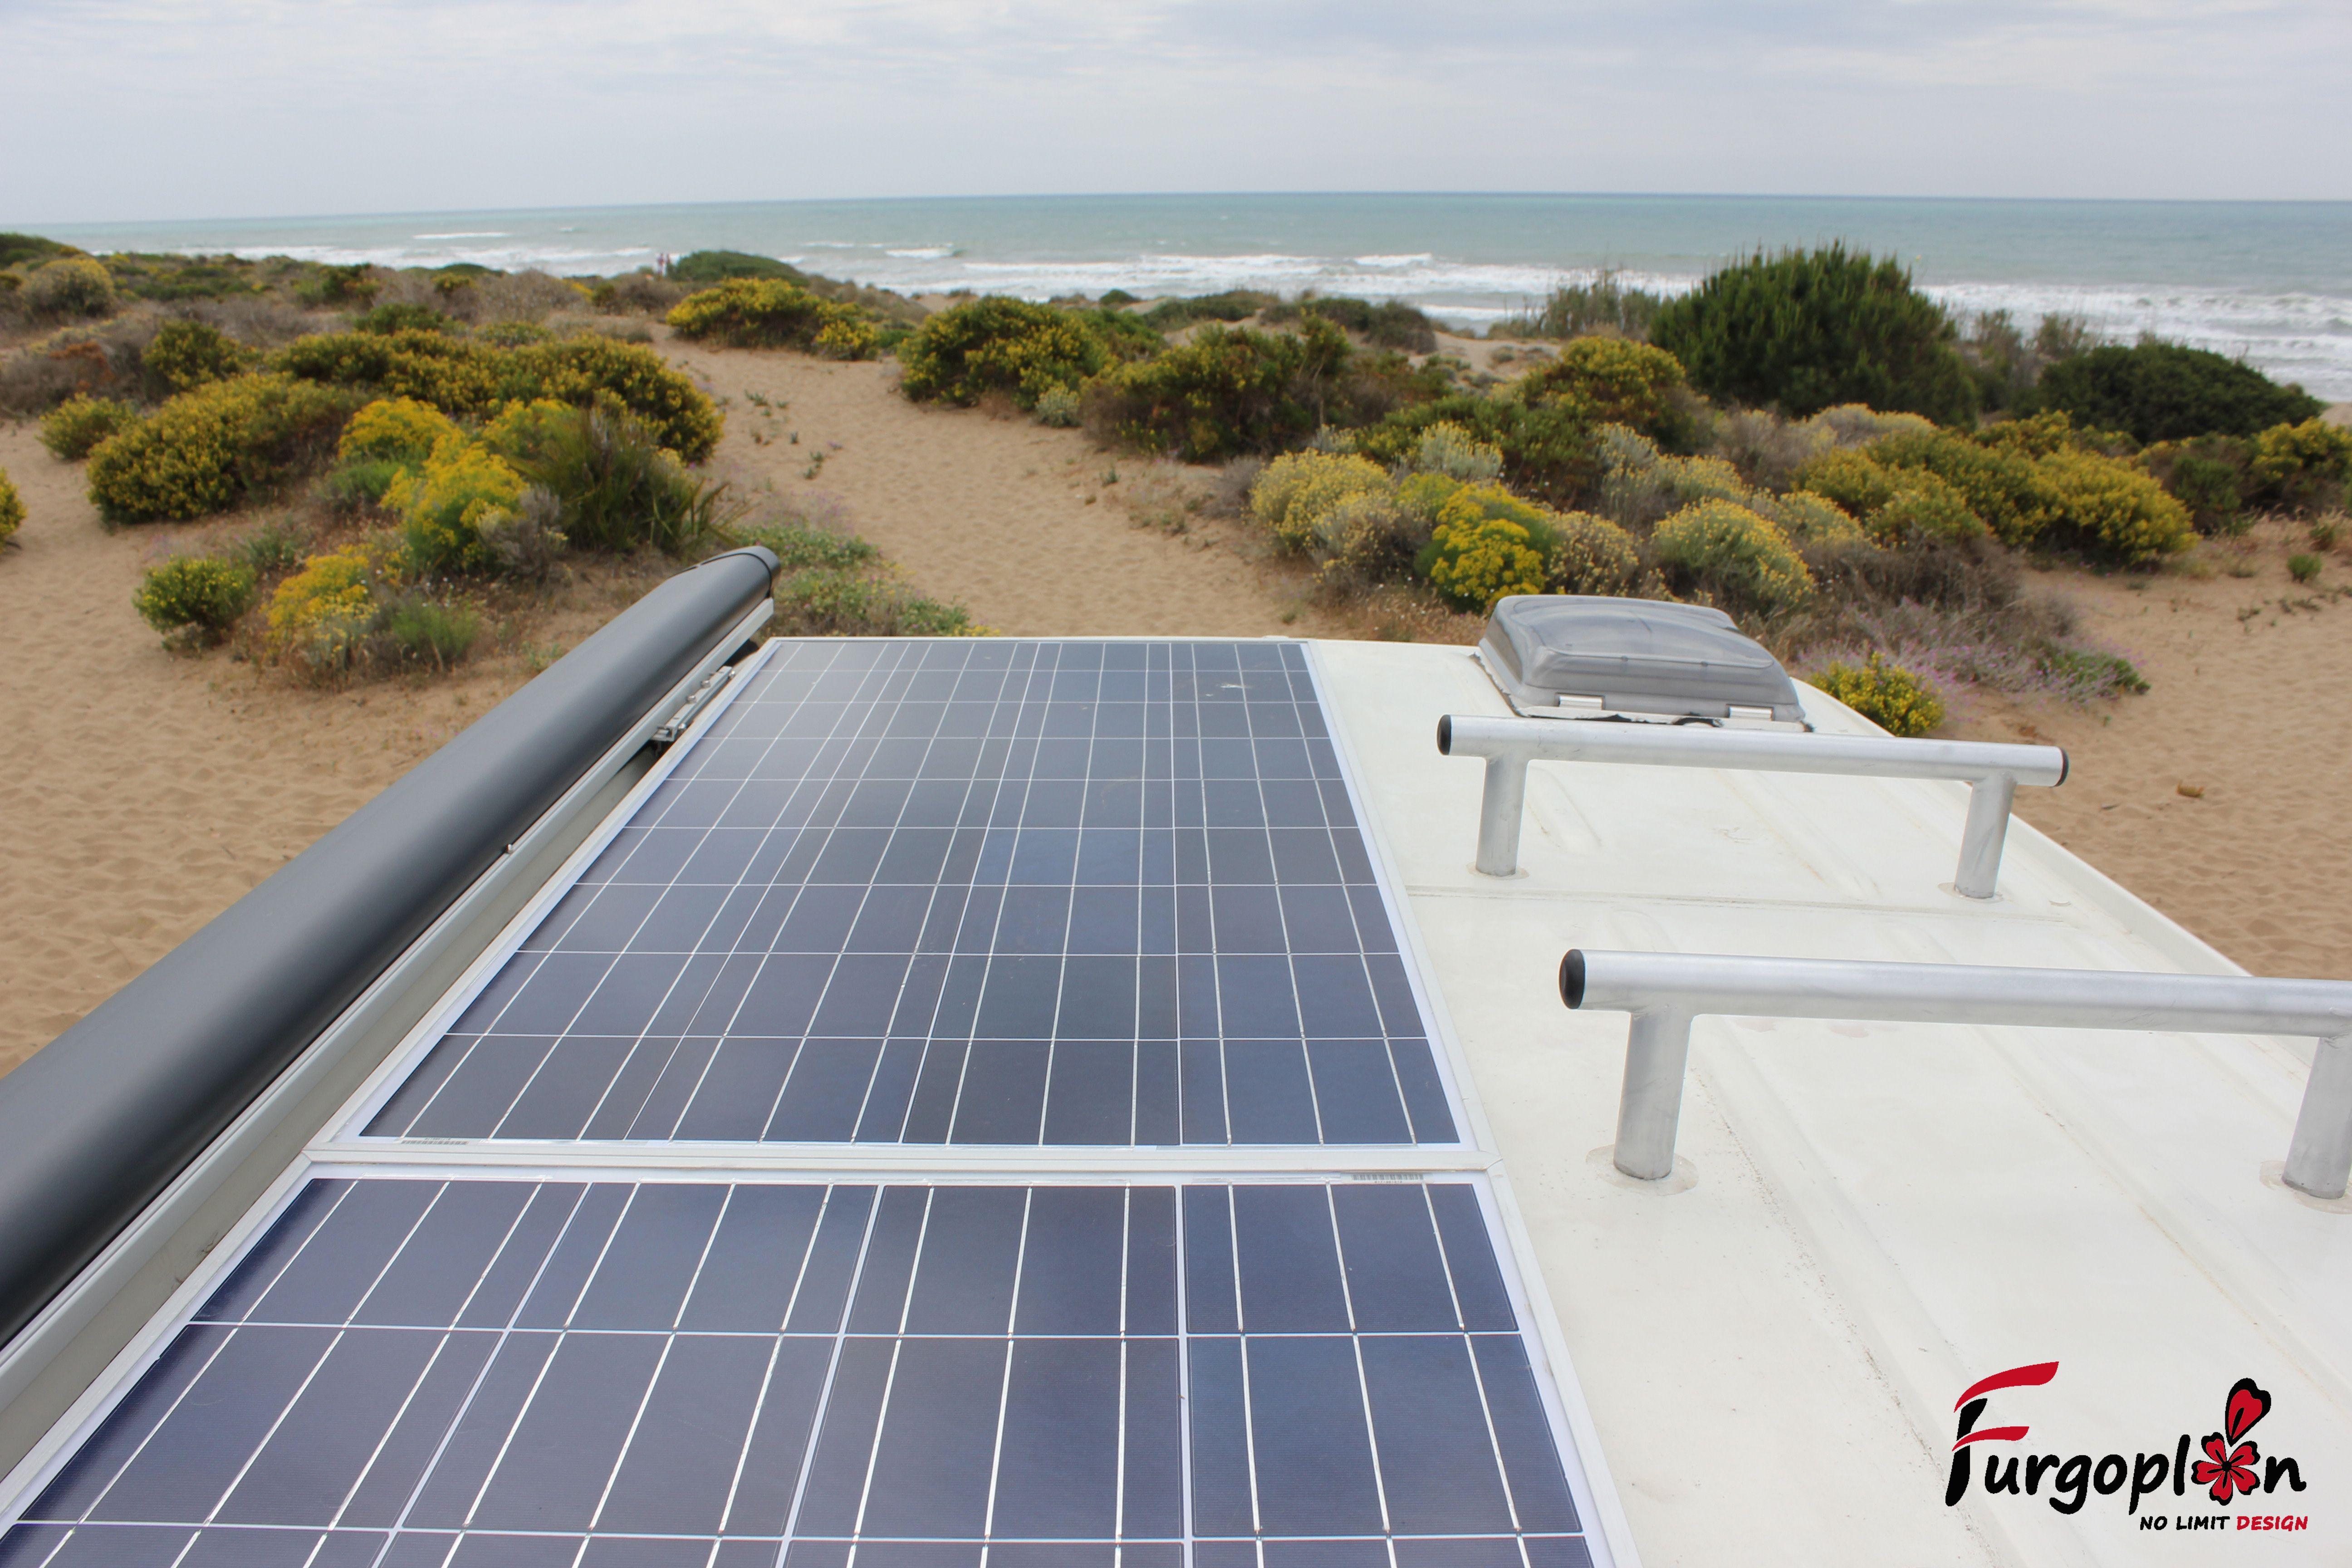 Placas solares de 130W de la VW Crafter. www.furgoplon.com